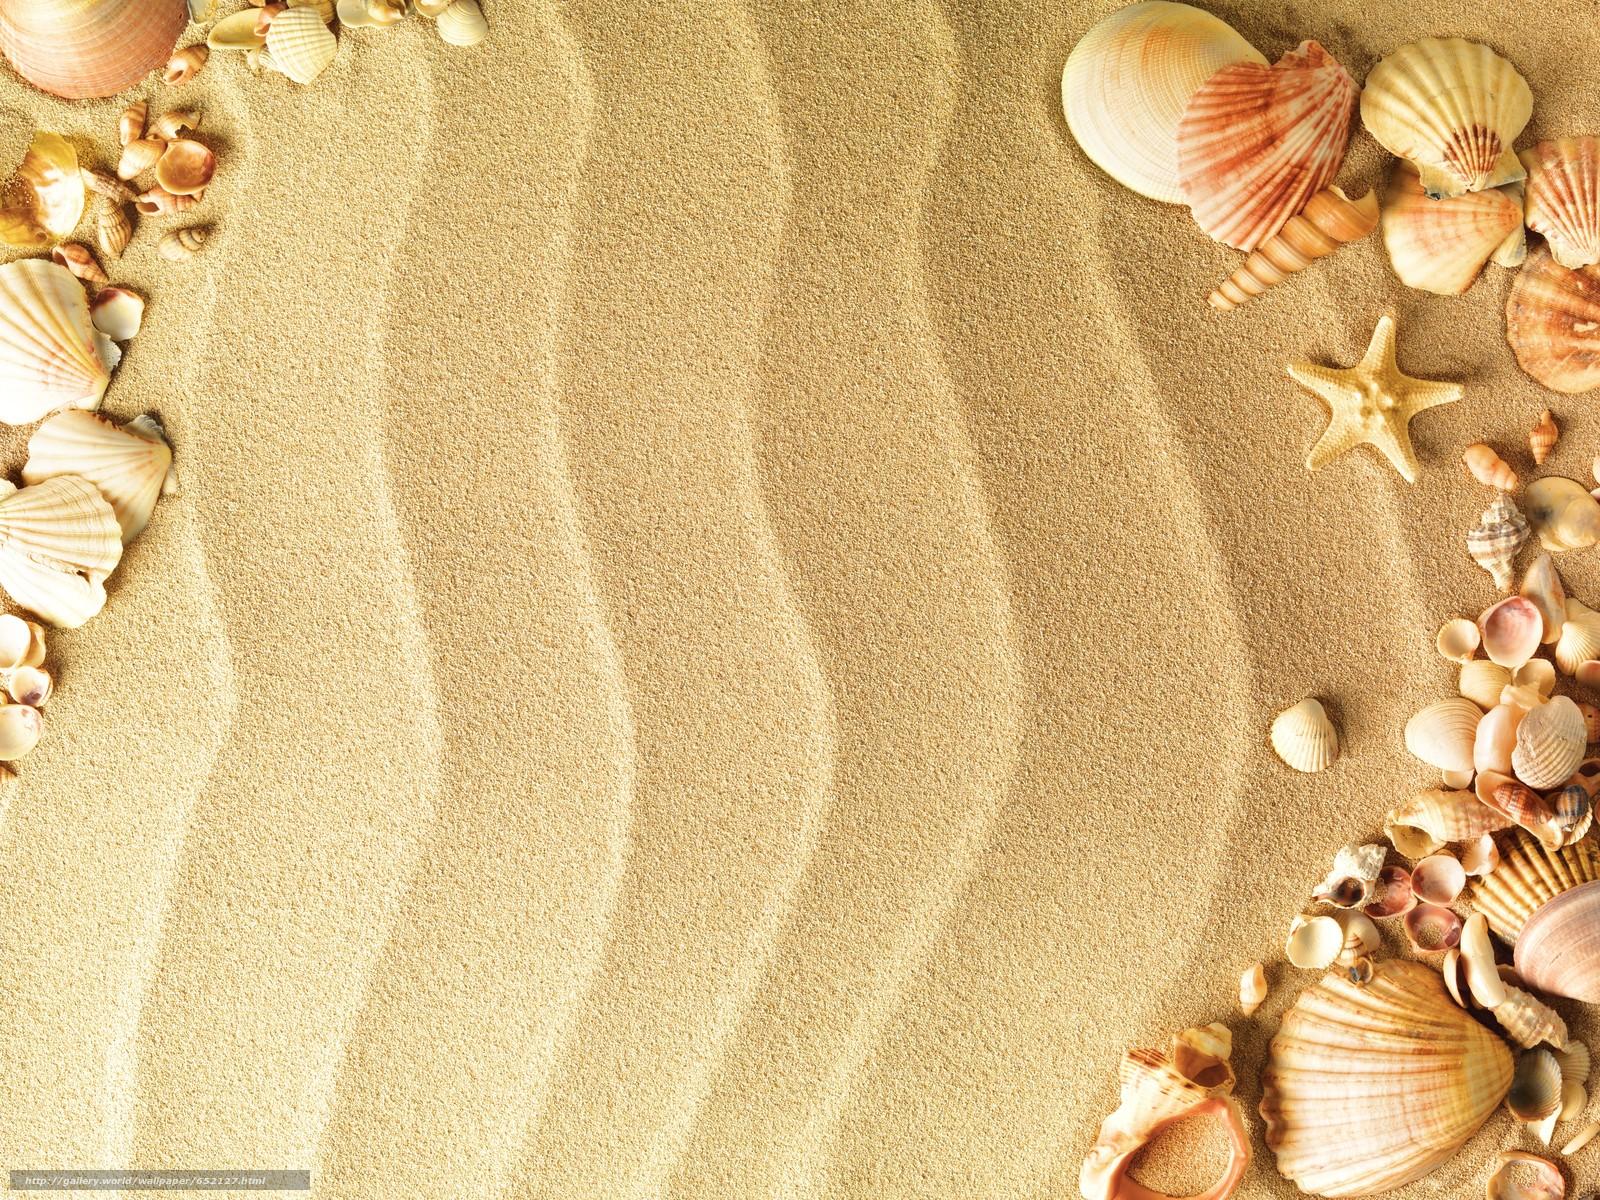 фон песка для презентации снималась фильмах